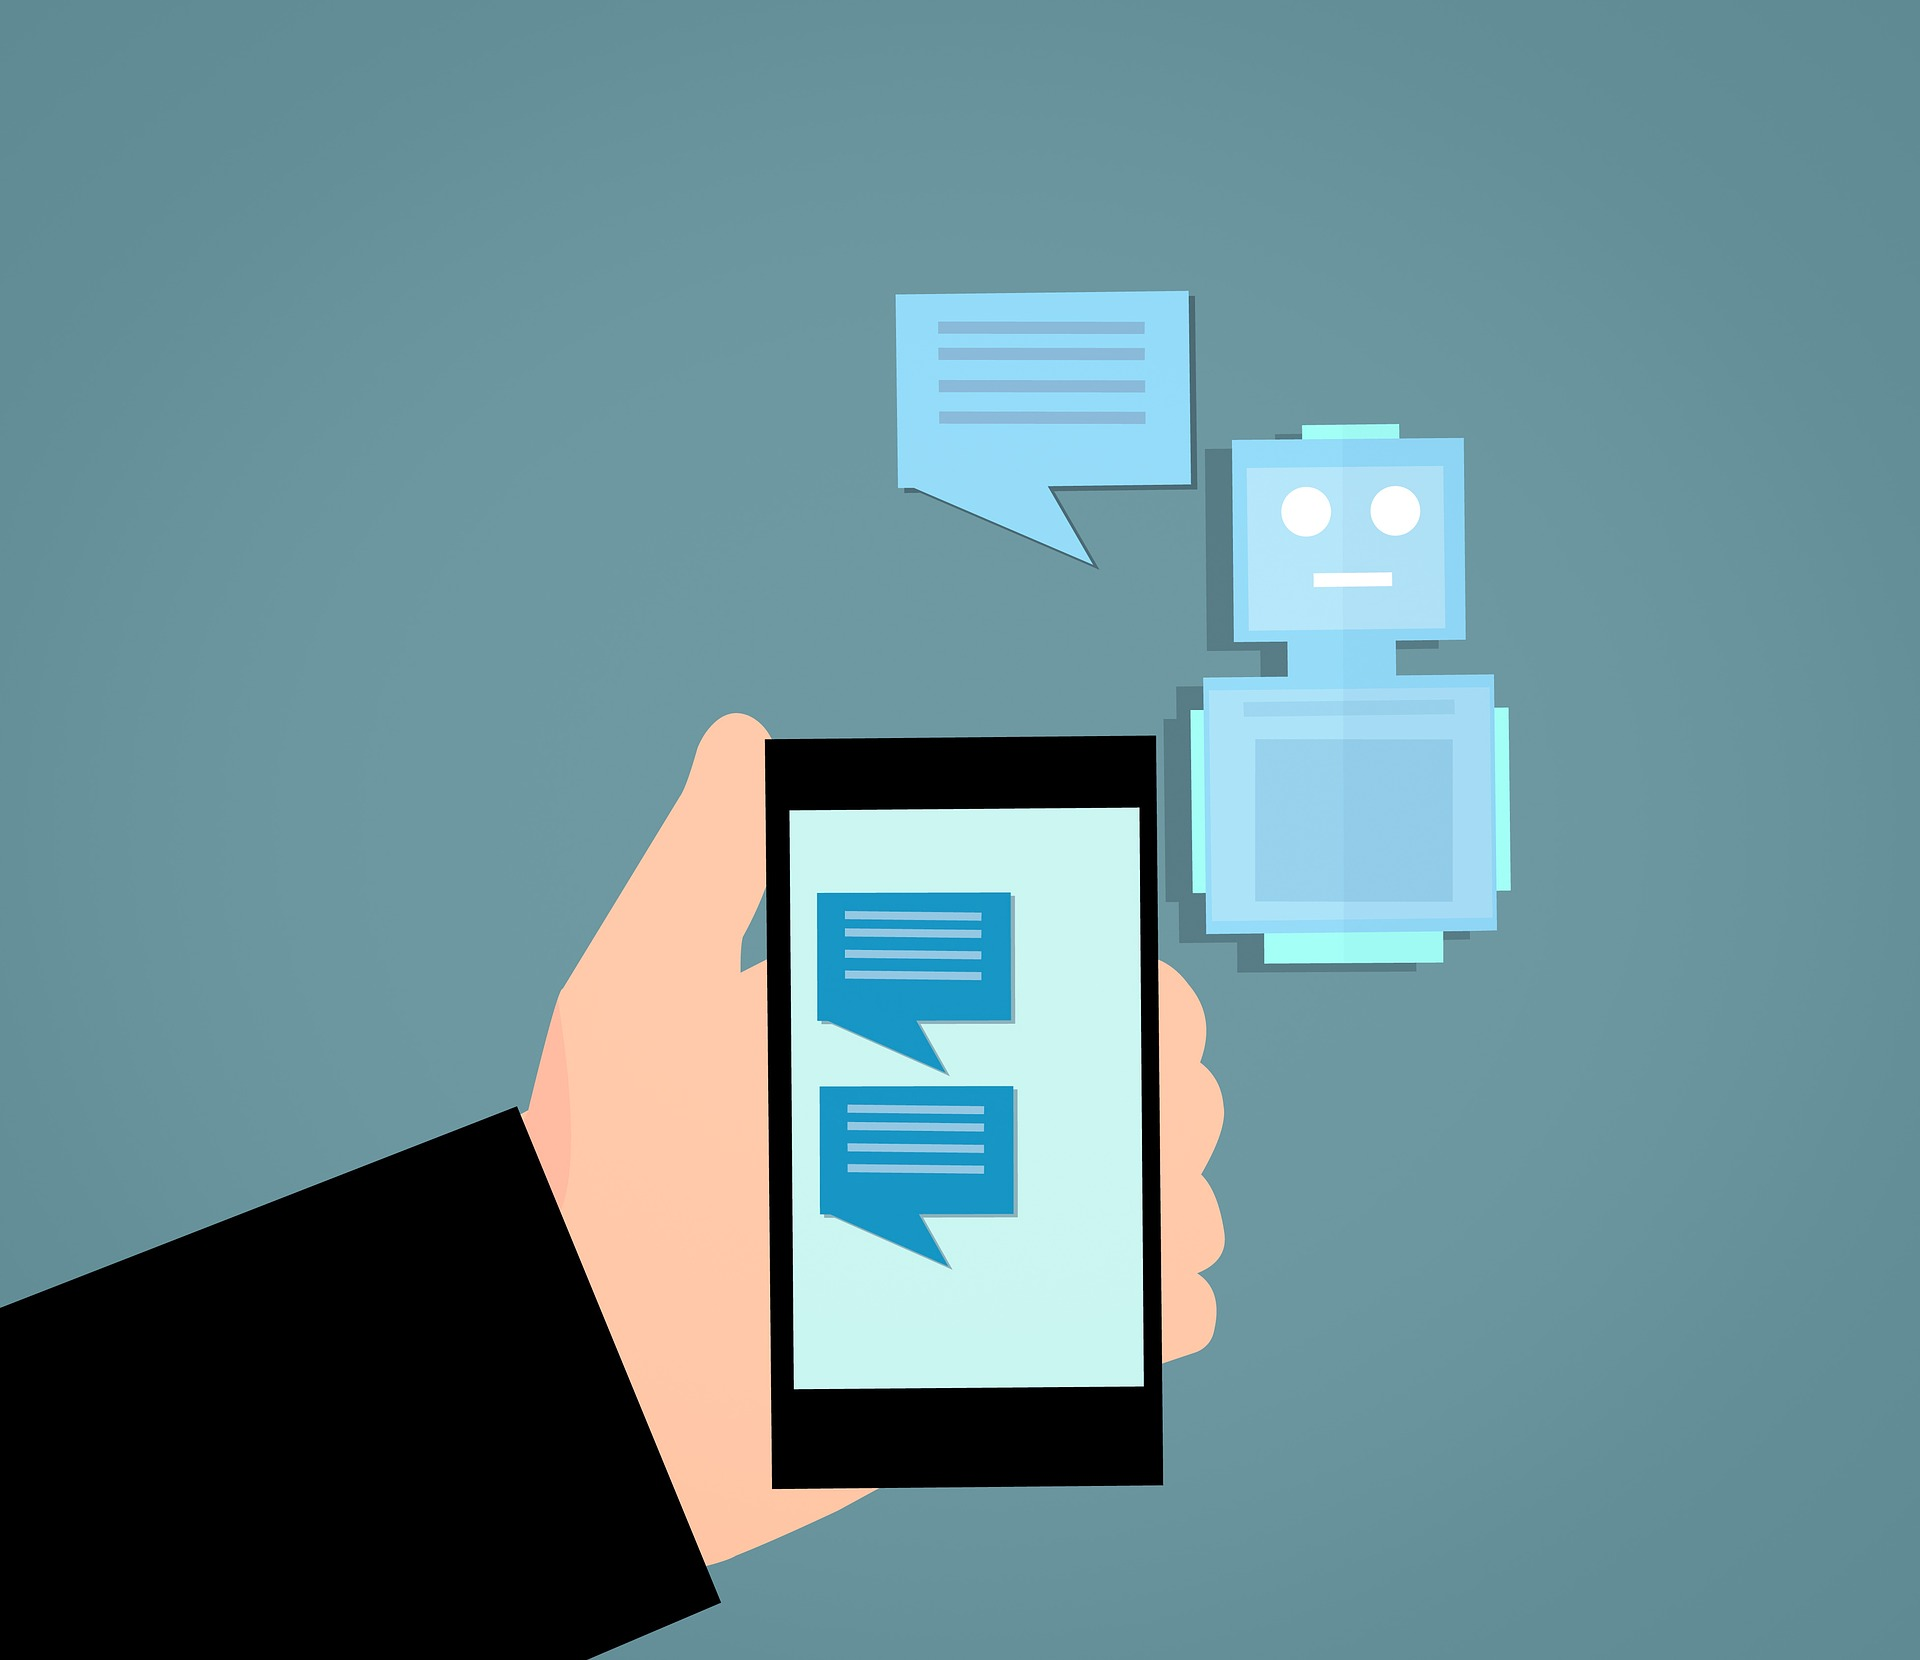 La influencia de Bots en el marketing digital